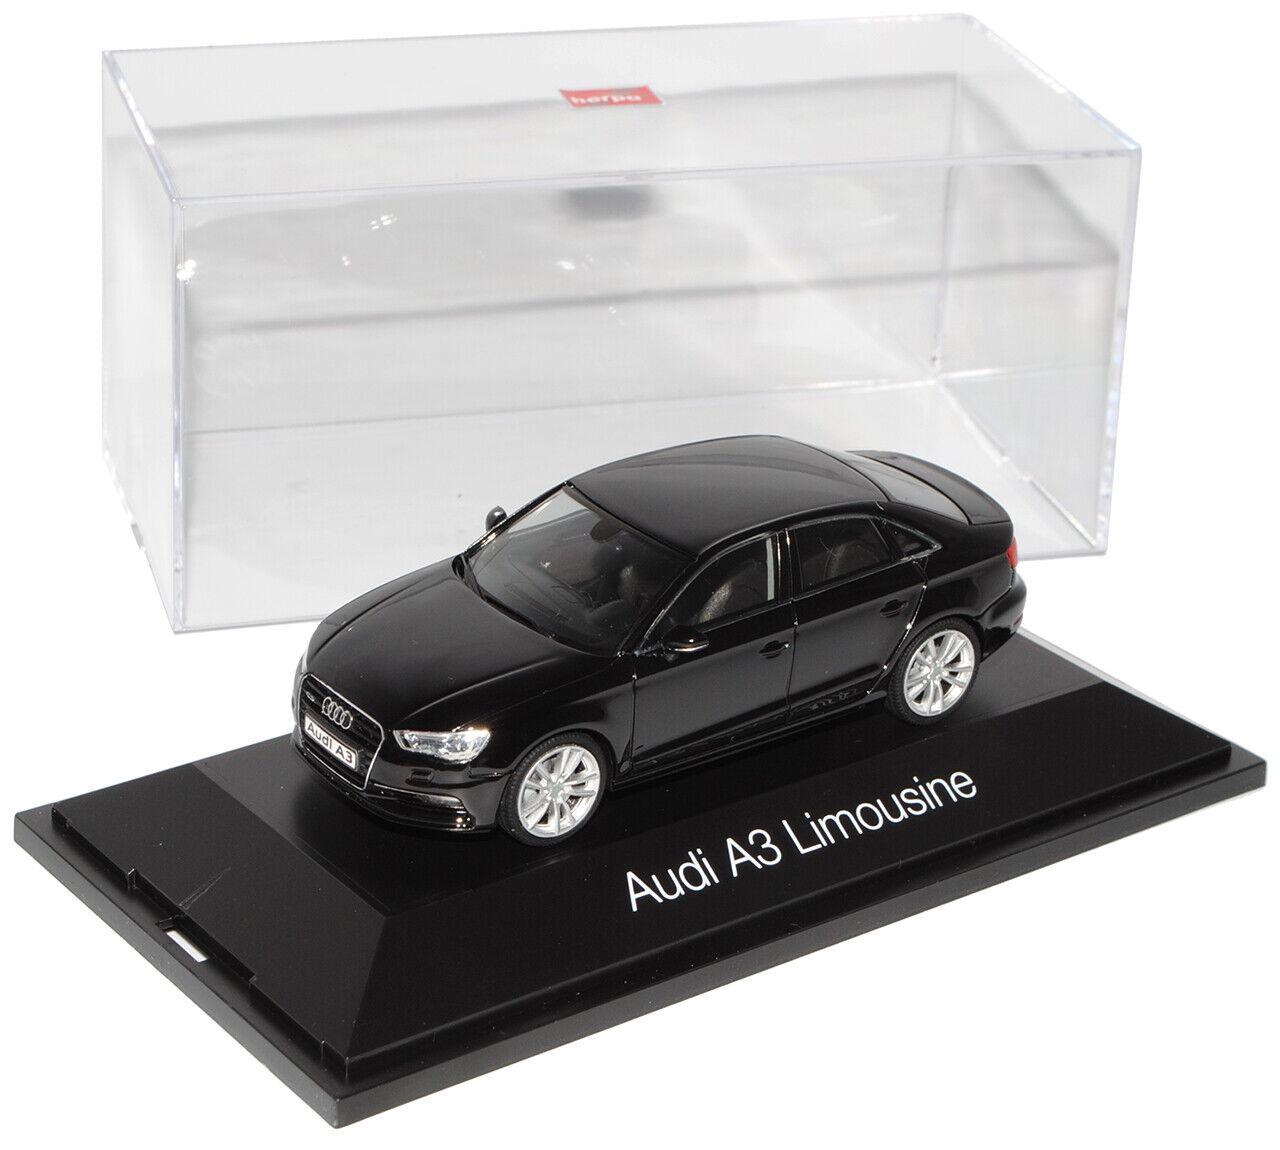 AUDI a3 limousine nera a partire dal 2013 8v 143 Herpa modellolo auto con o senza indi...